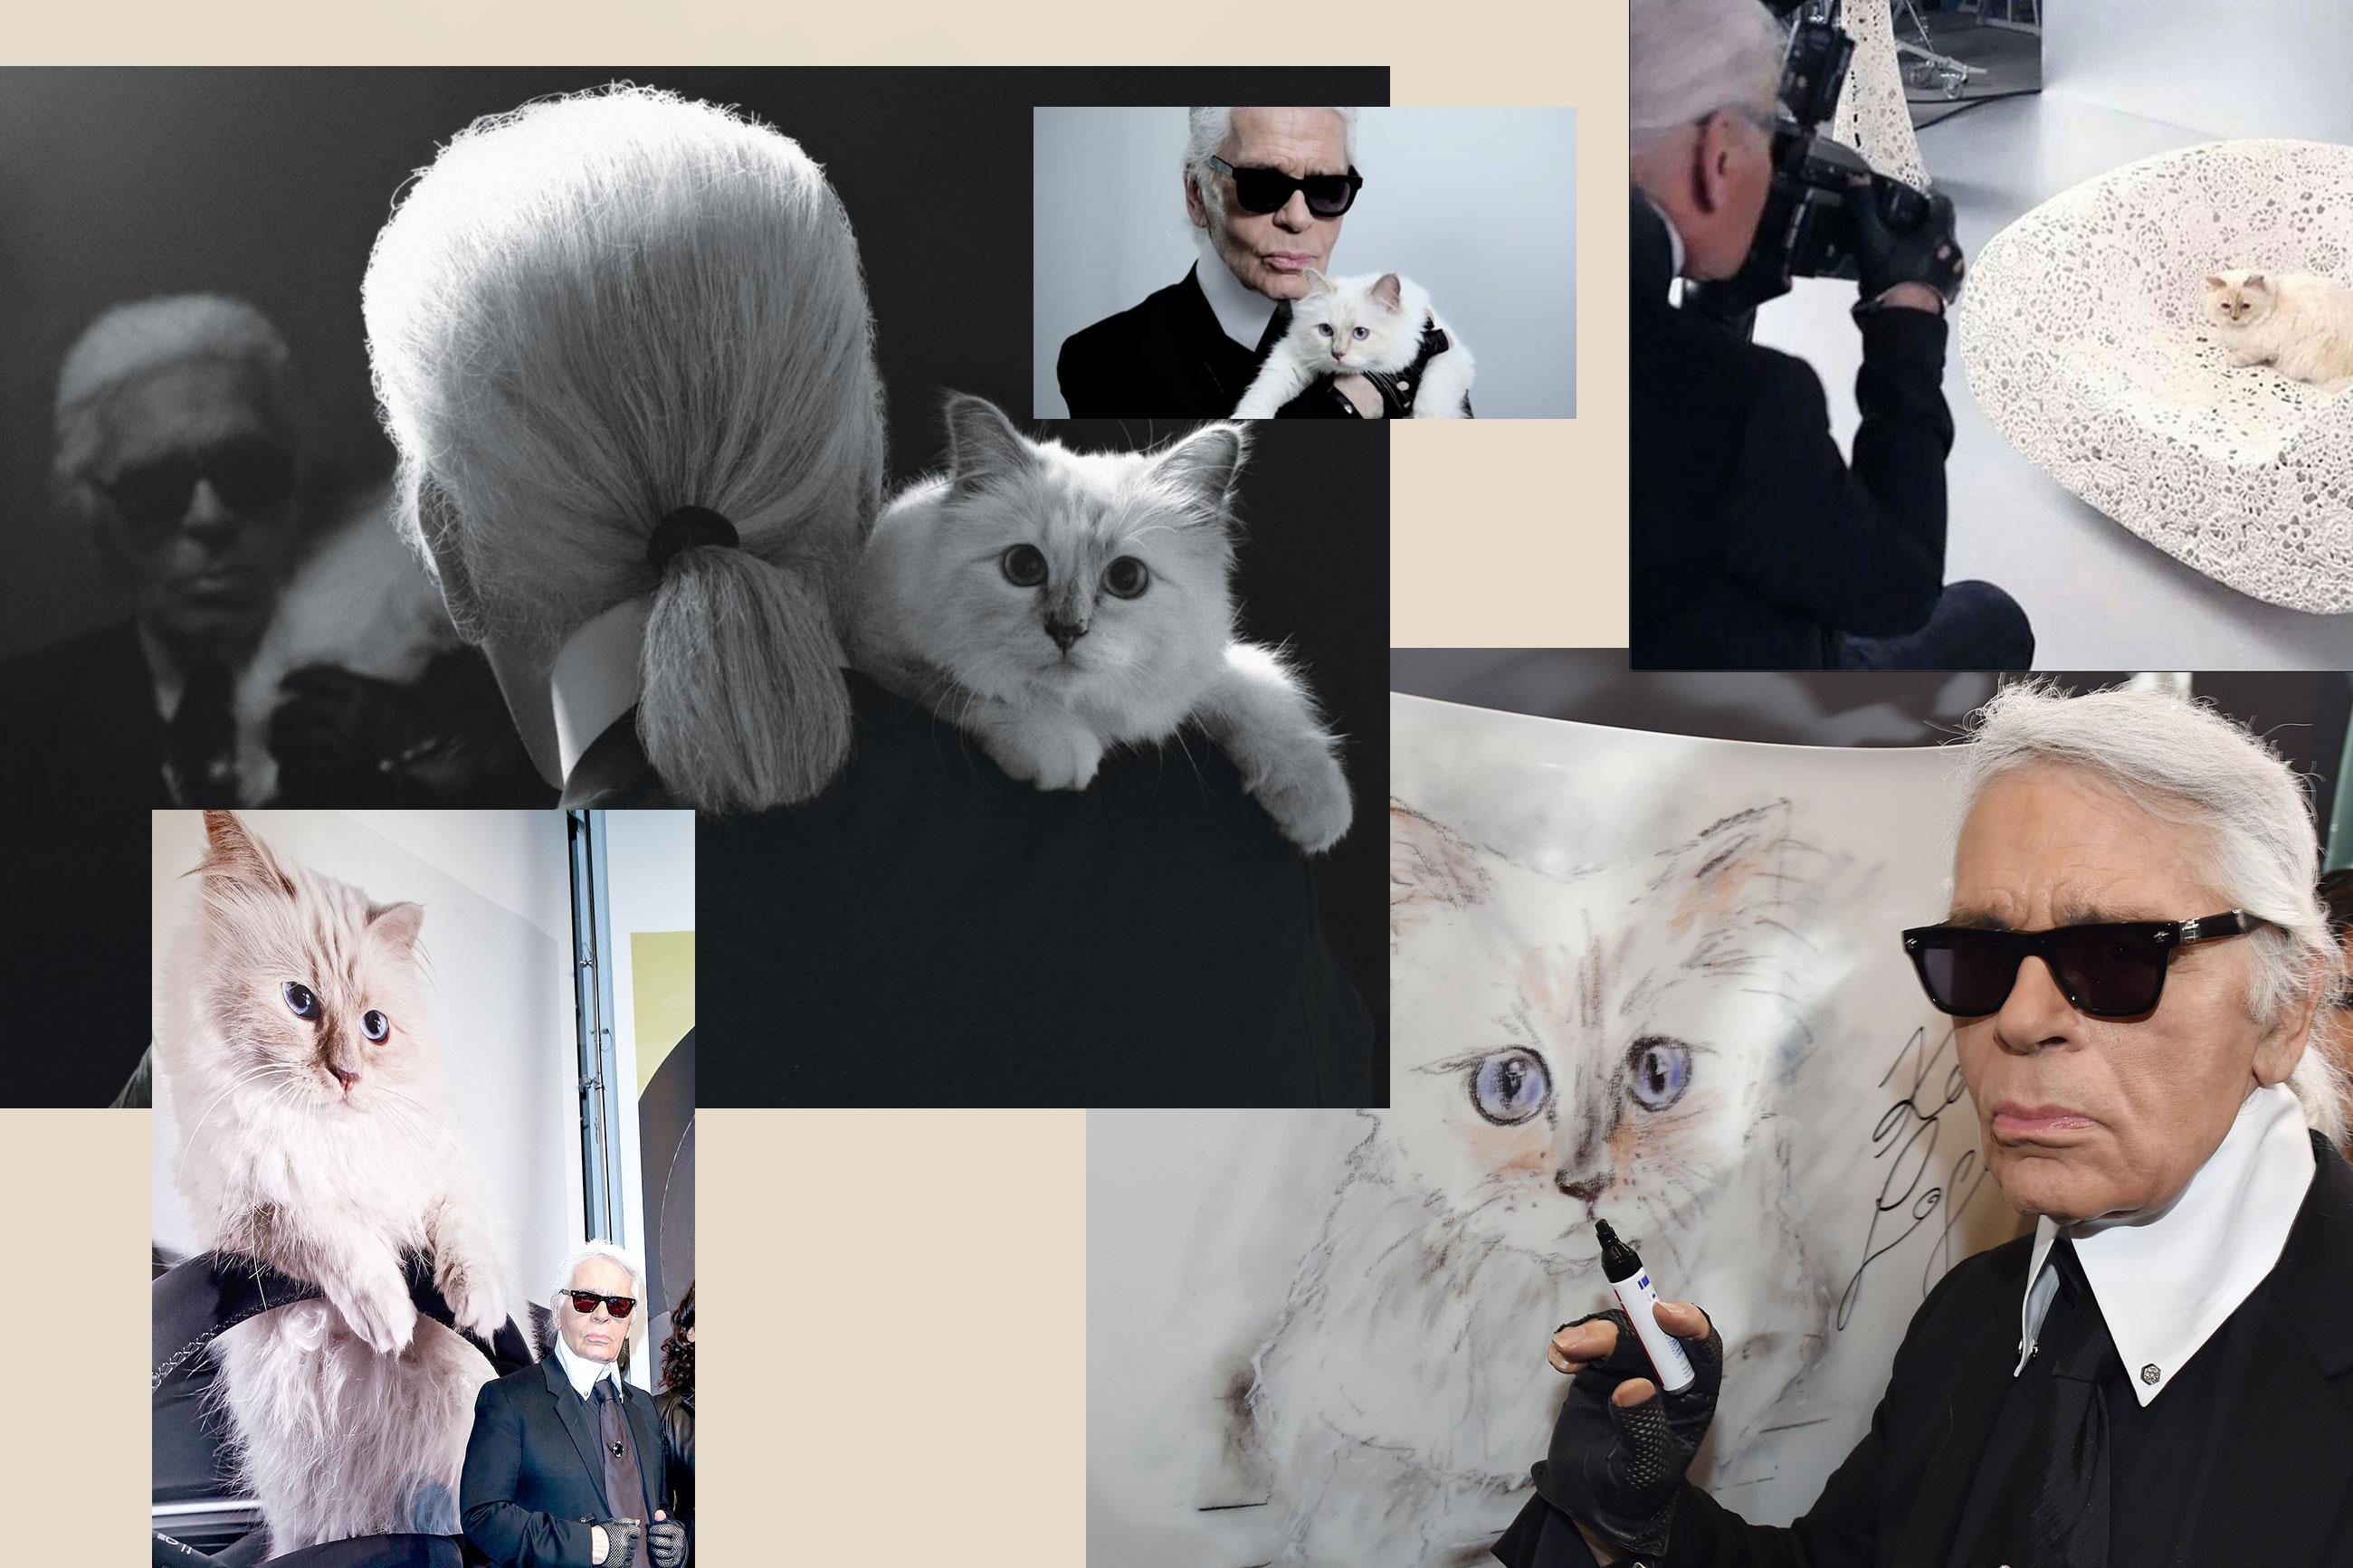 acdbe64af2 ... 2015-ben Lady Gagat és akkori stylistját, Brandon Maxwellt fotózta Coco  Chanel párizsi apartmanjában a Hollywood Reporter címlapjára. Jaj, annyi  emlék!